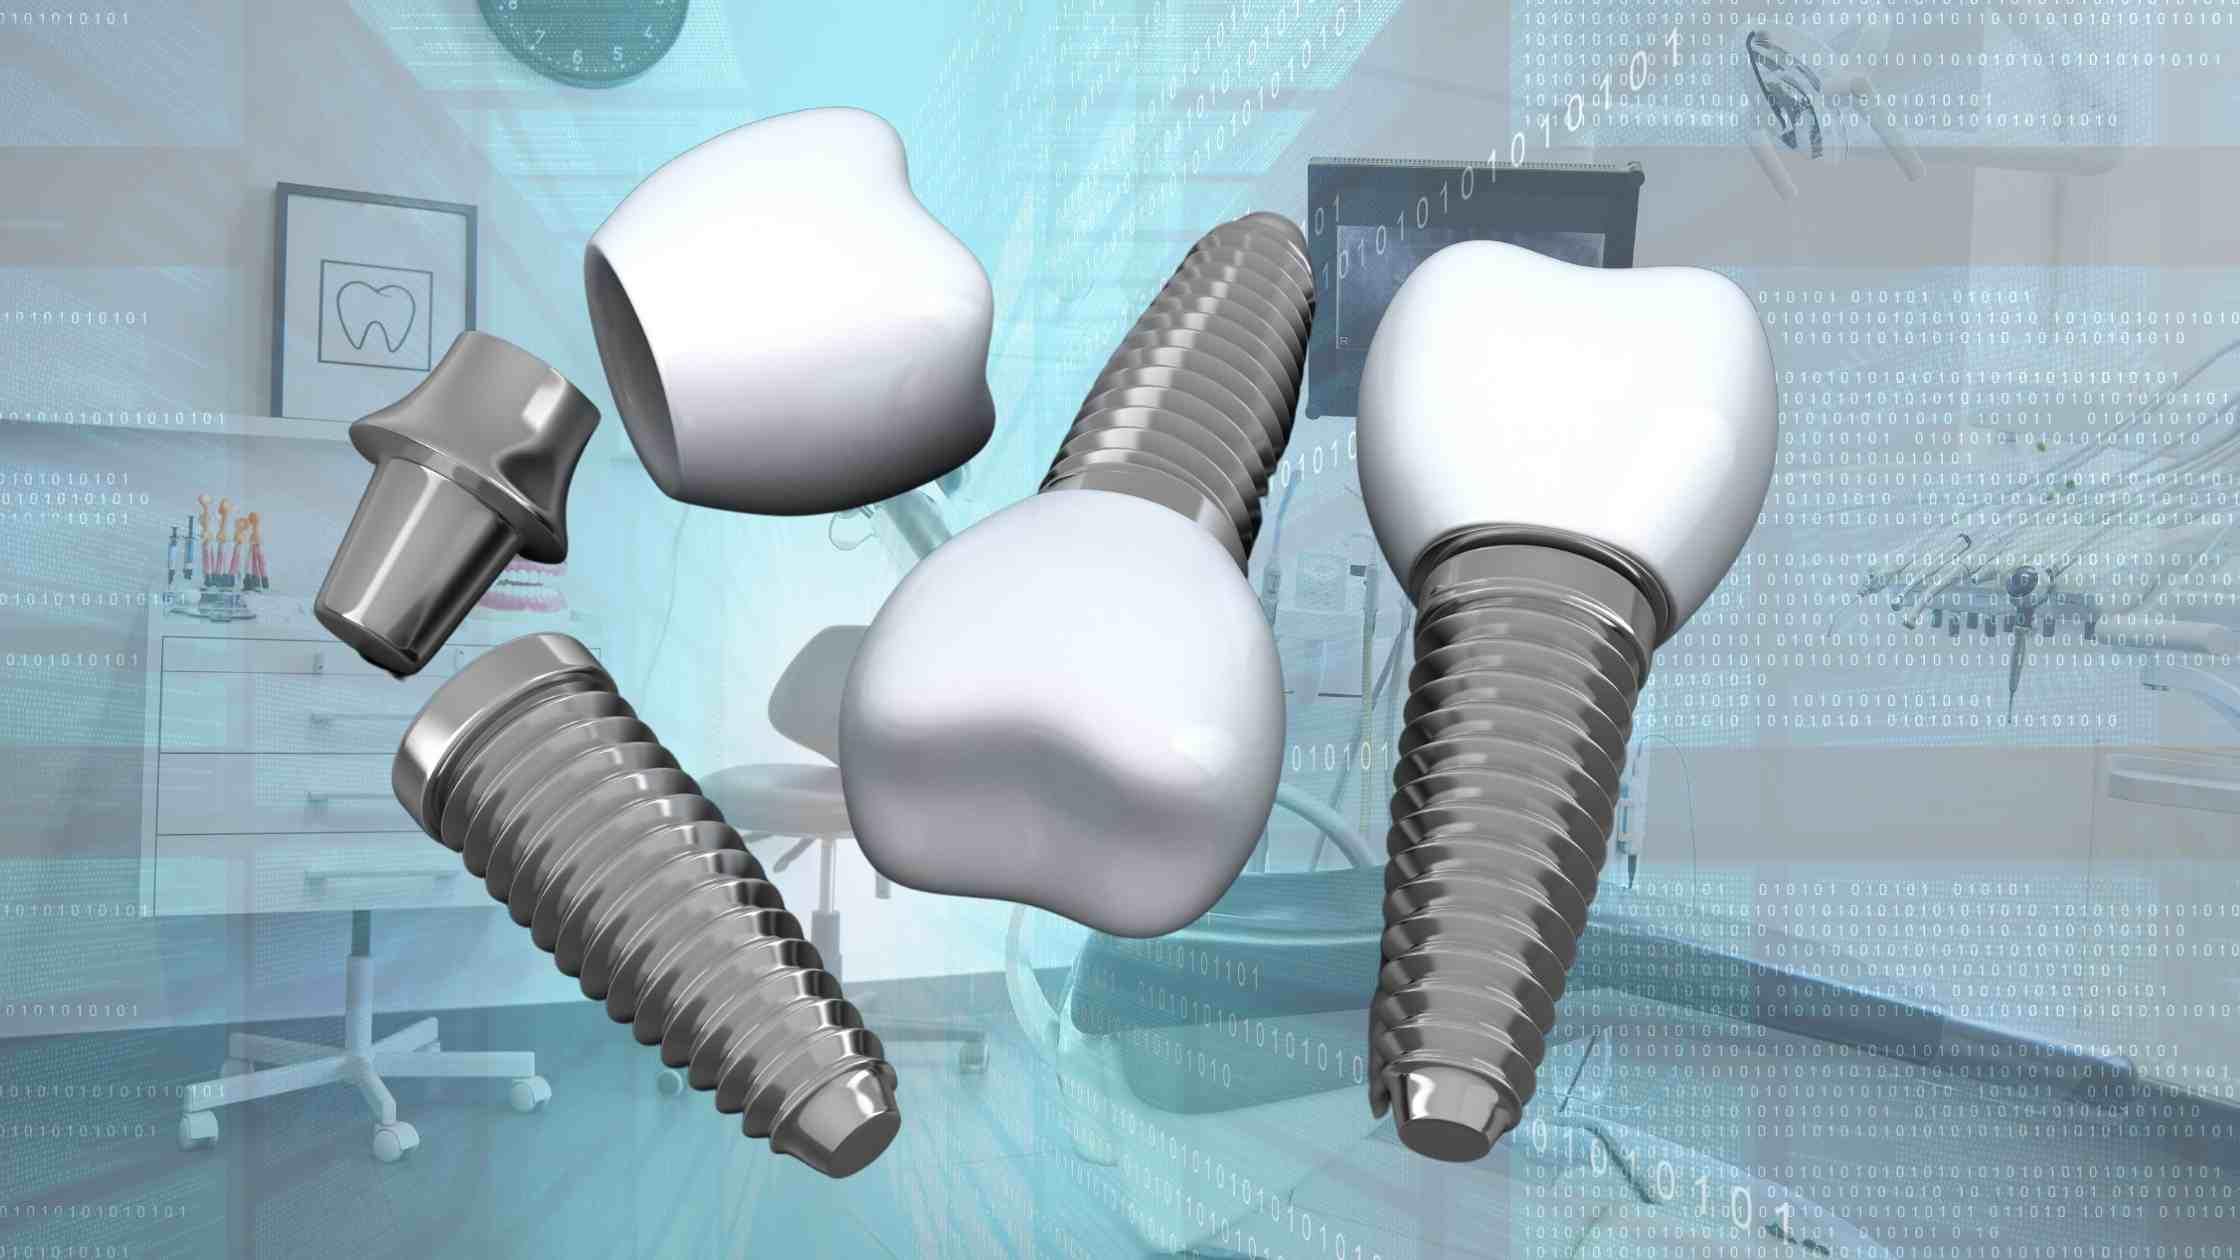 כמה עולה השתלת שיניים ממוחשבת